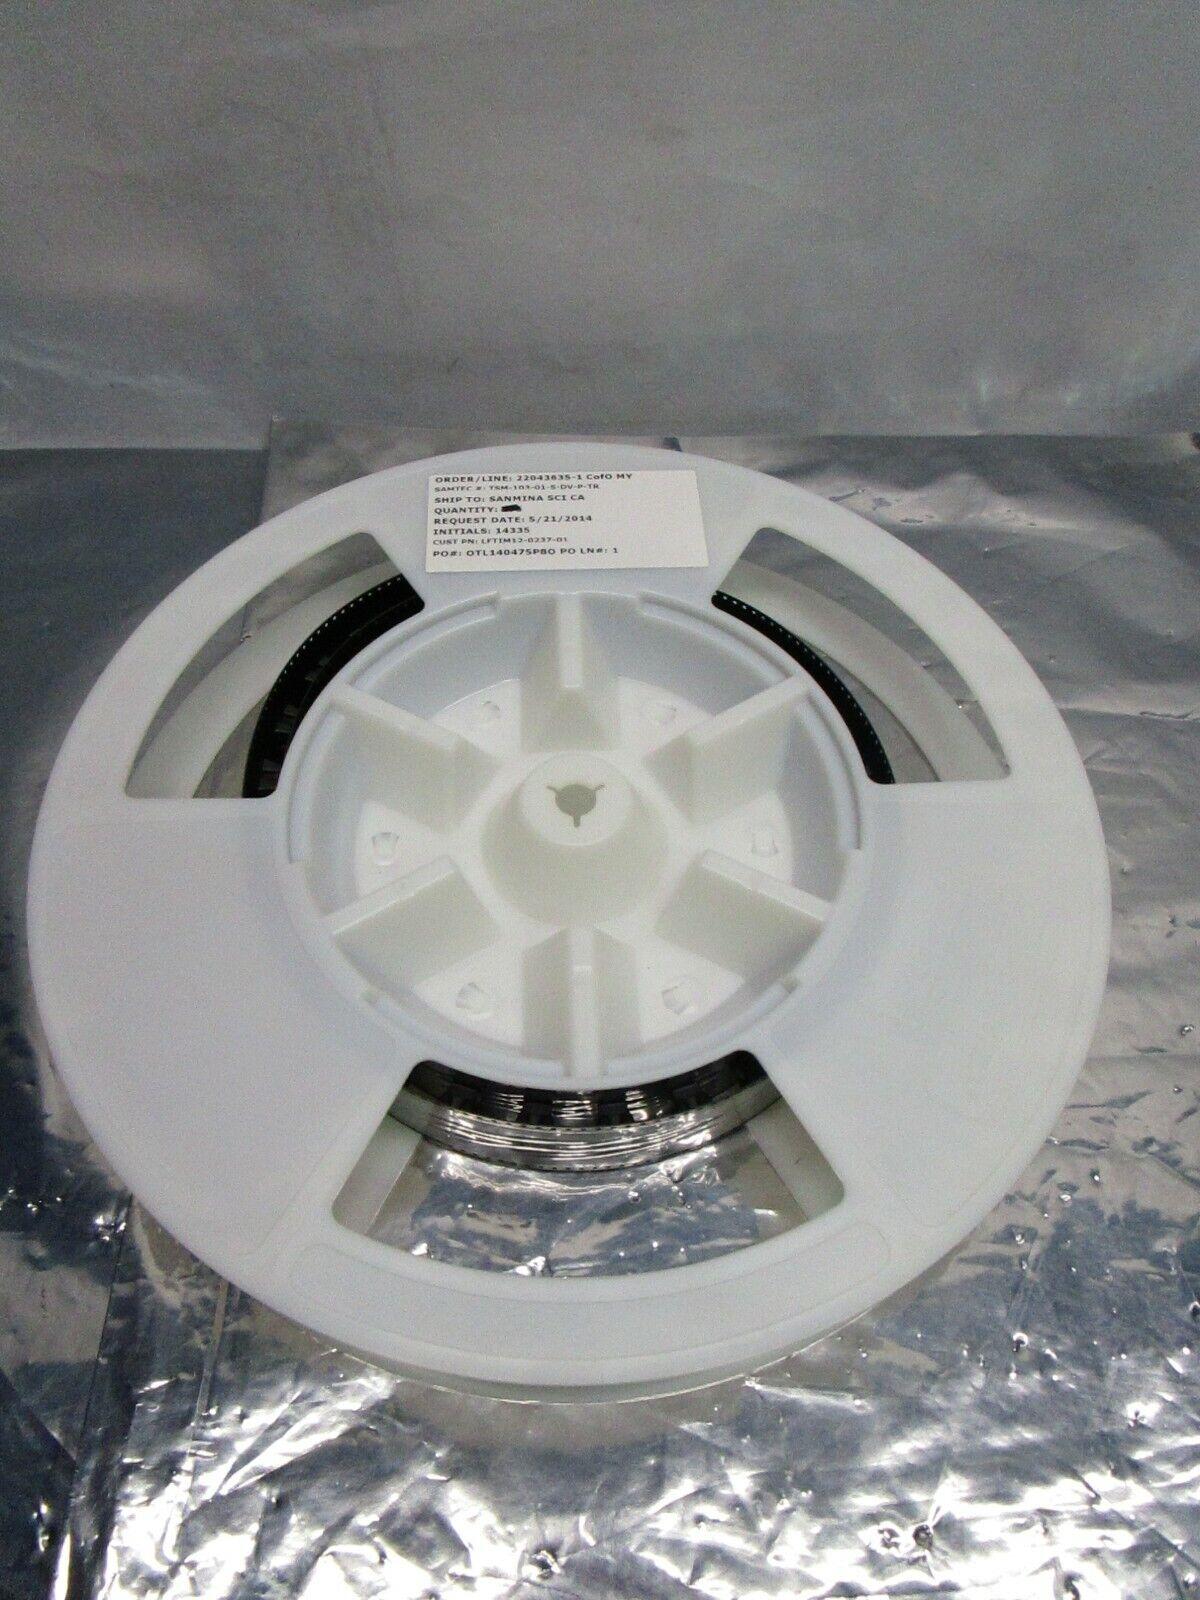 1 Lot of 50 Samtec TSM-103-01-S-DV-P-TR CONN HEADER SMD 6POS 2.54MM, 102713